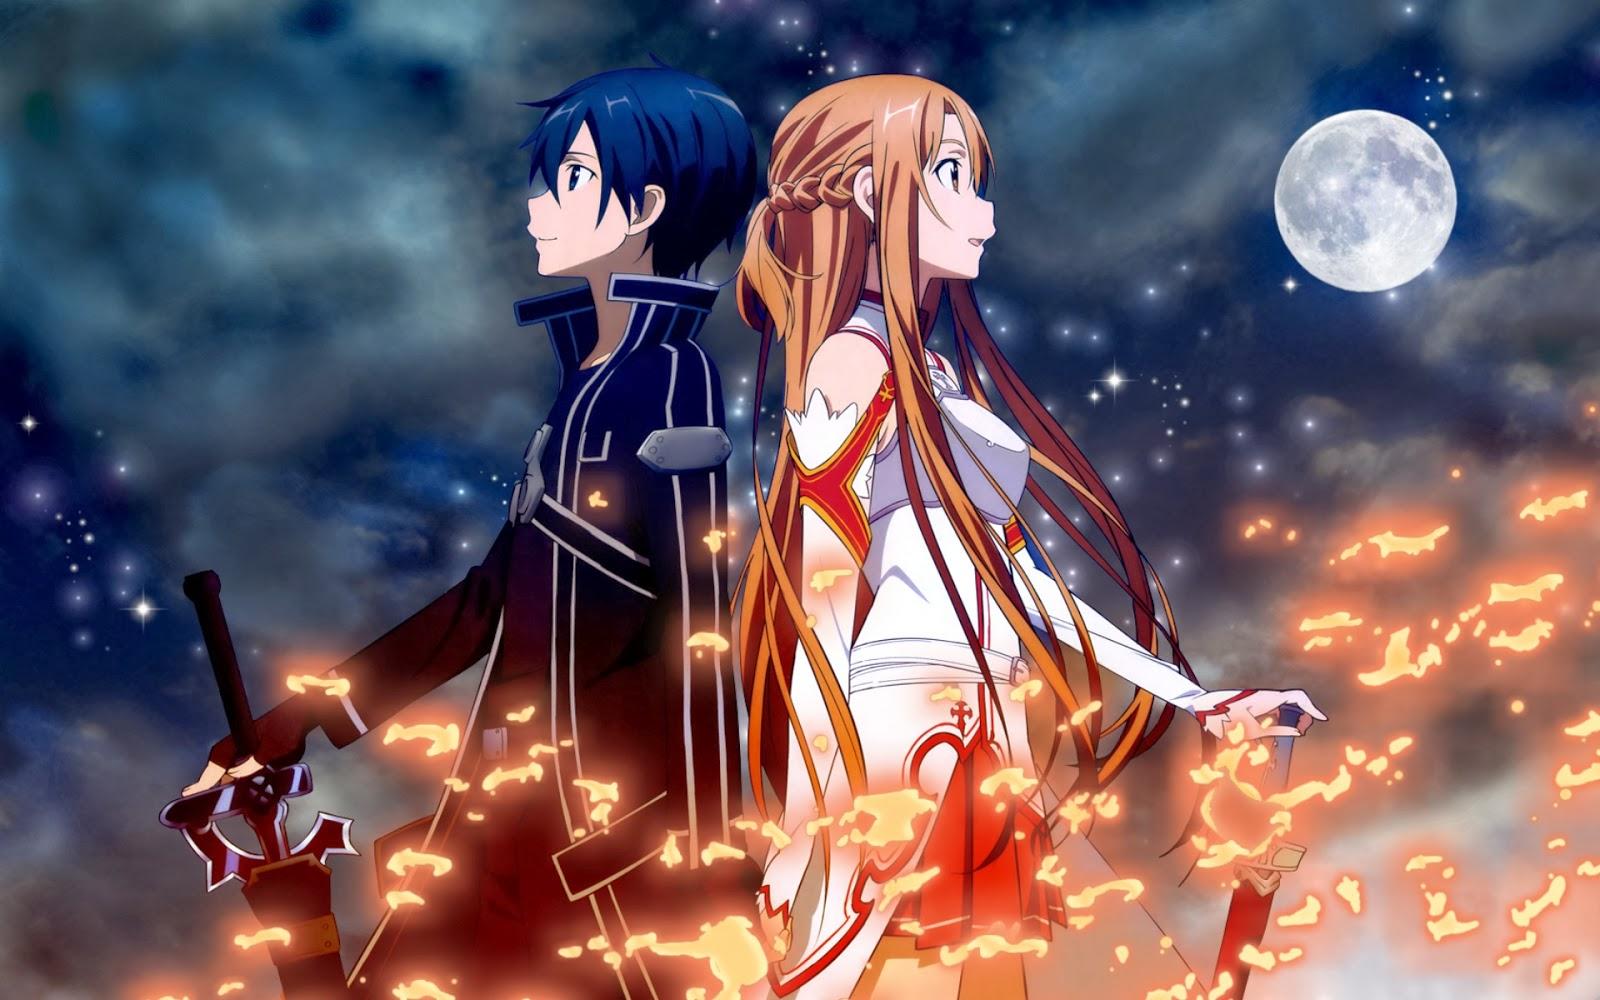 Memadukan Action Drama Dan Dunia Fantasy Sword Art Online Menjadi Salah Satu Anime Romance